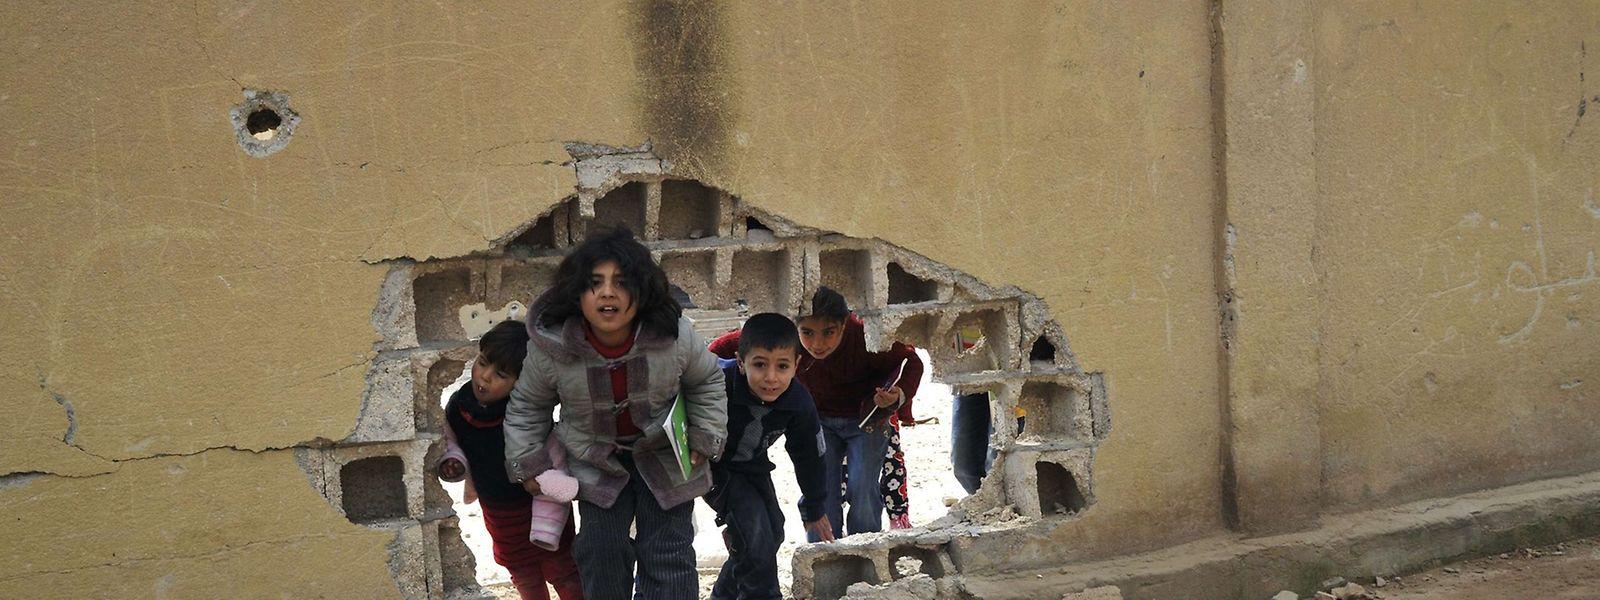 Nach mehr als vier Monaten des Kämpfens der Versuch zurück zum Alltag. Schüler in Kobane benutzen eine zerbomte Wand als Eingang in der Schule.